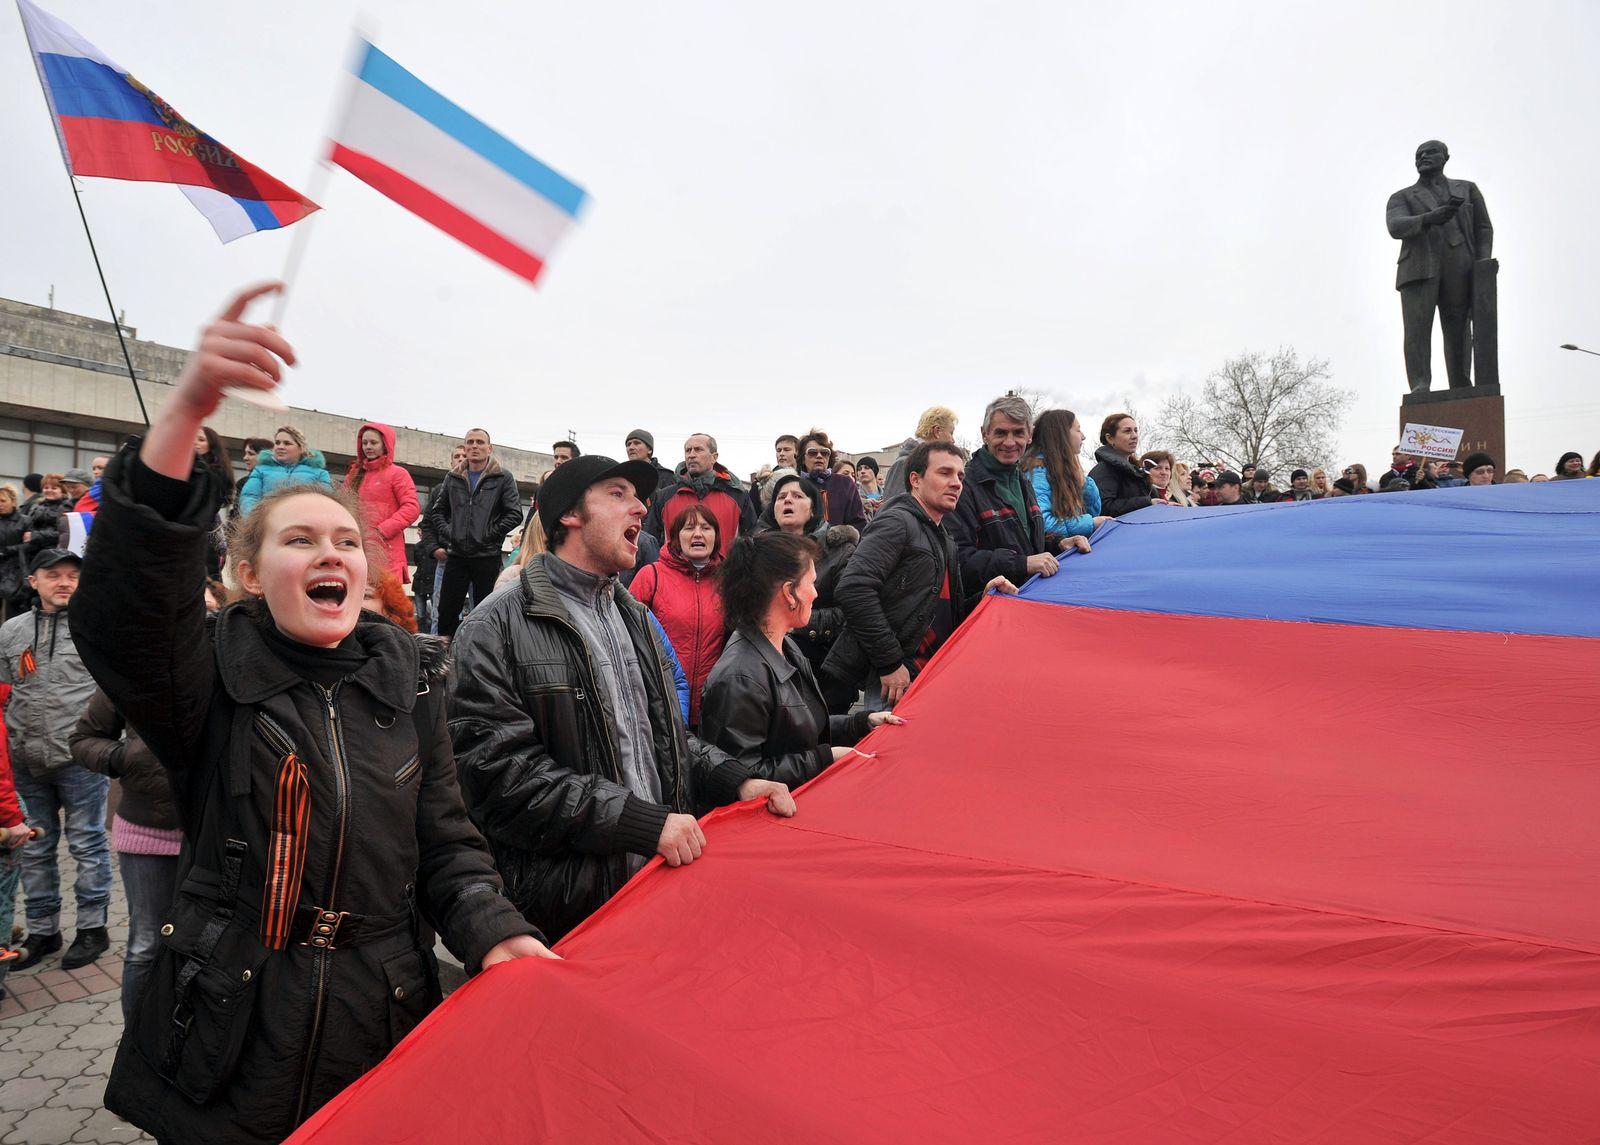 UKRAINE-UNREST-POLITICS-RUSSIA